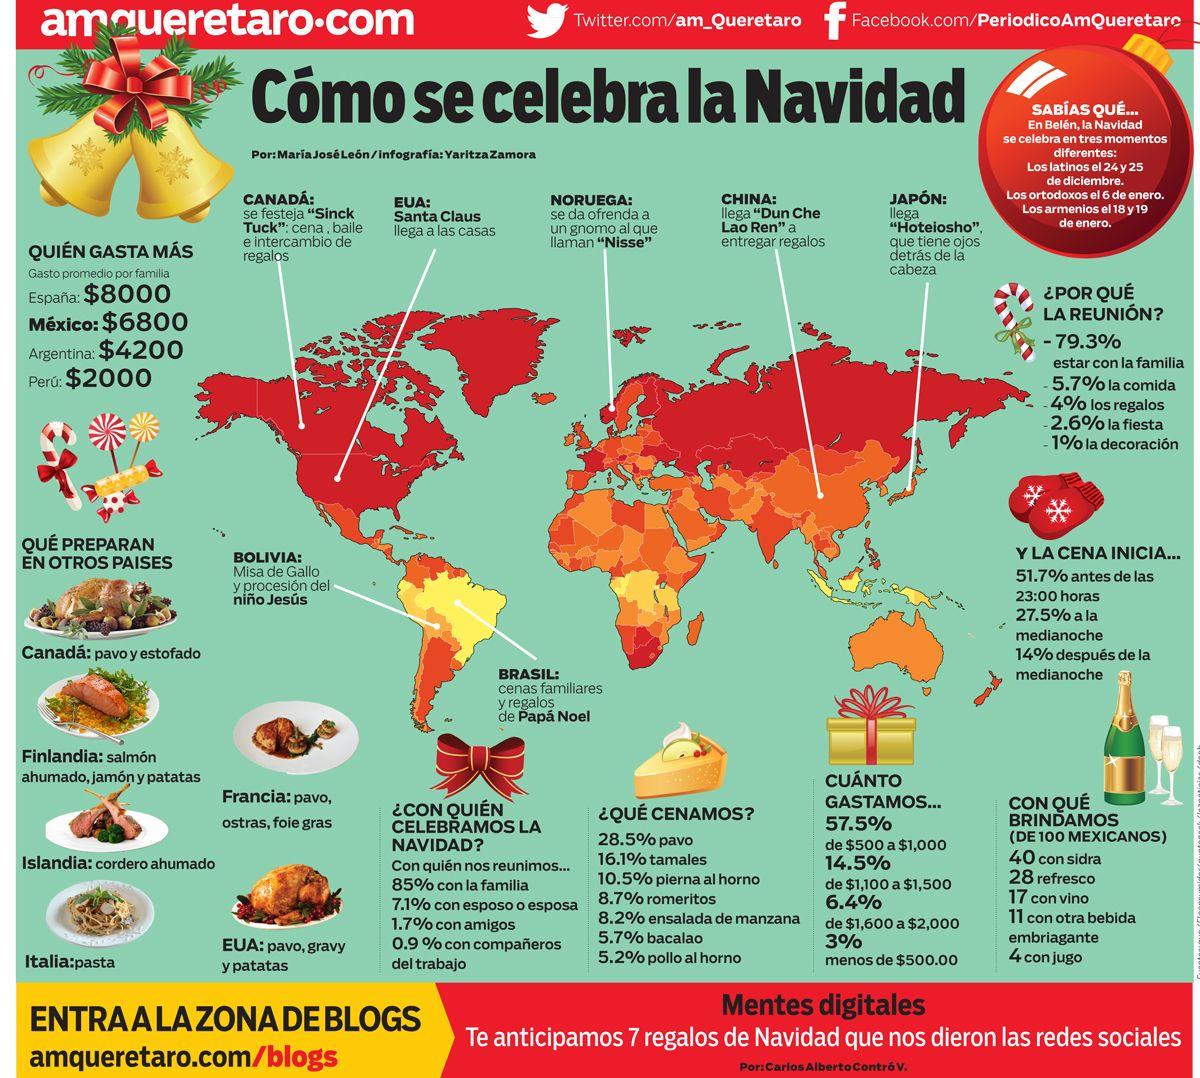 El Dia De Hoy Se Celebra La Navidad En Todo El Mundo Muchas Personas Aprovechan Para Reunirse